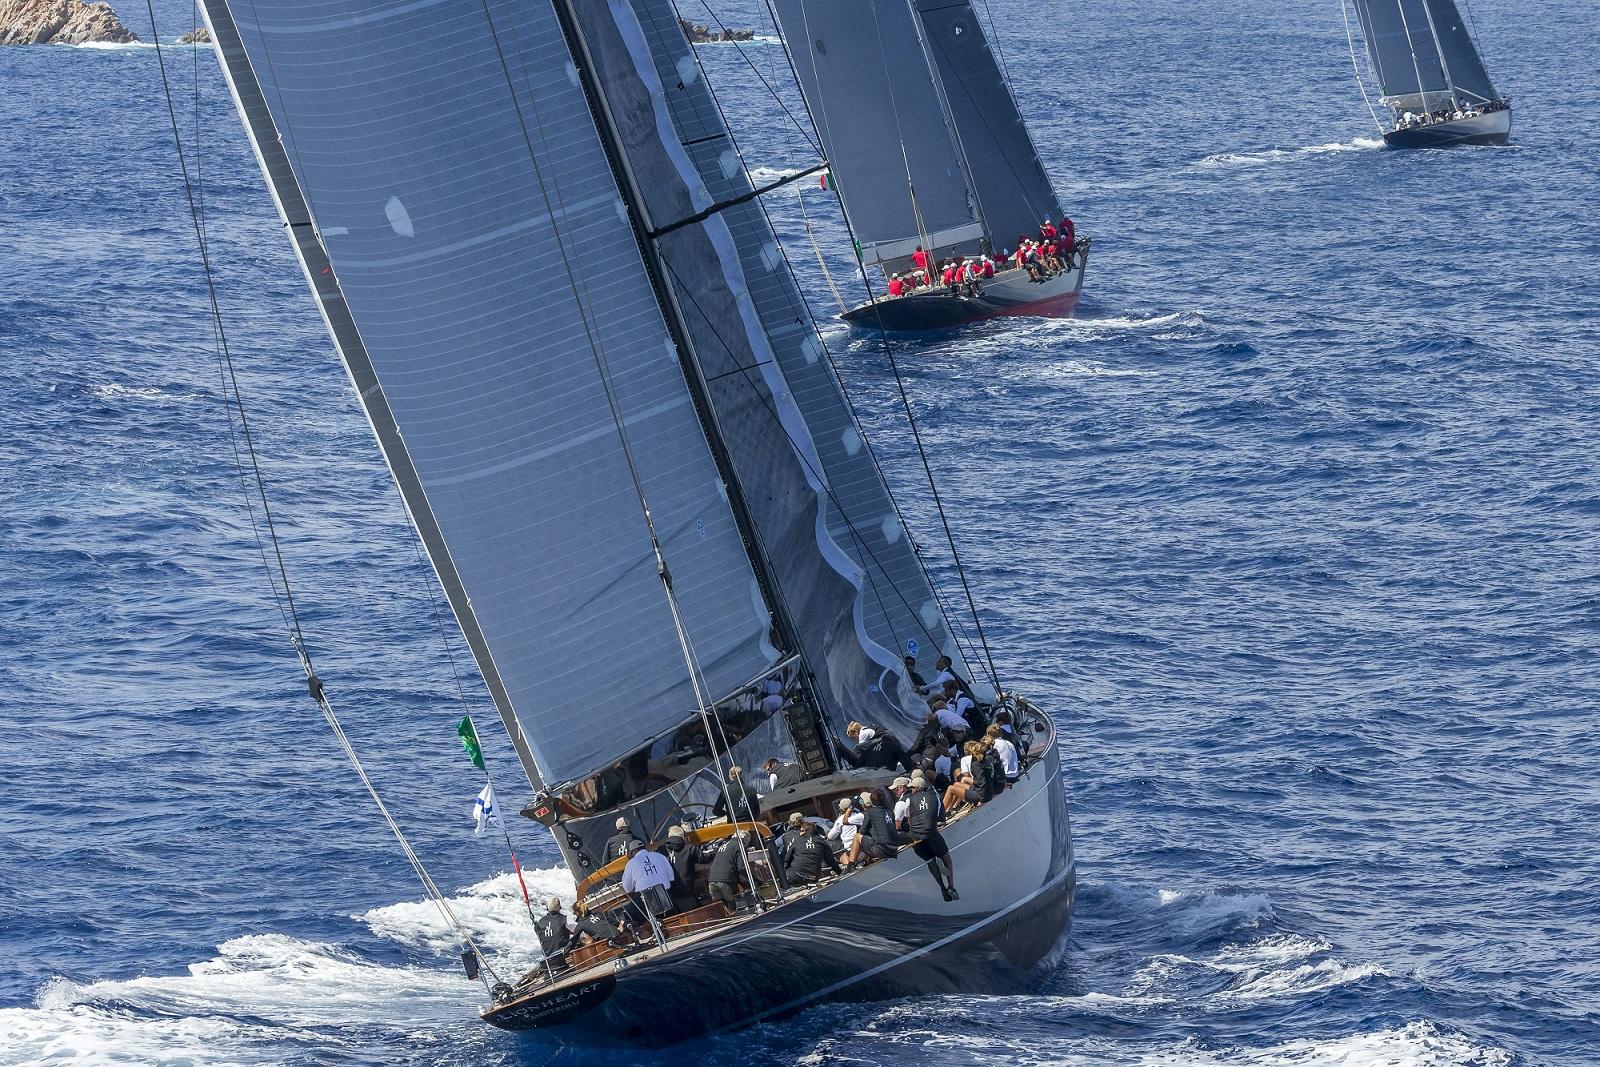 GRAN FINALE DI STAGIONE ALLO YCCS - NEWS - Yacht Club Costa Smeralda